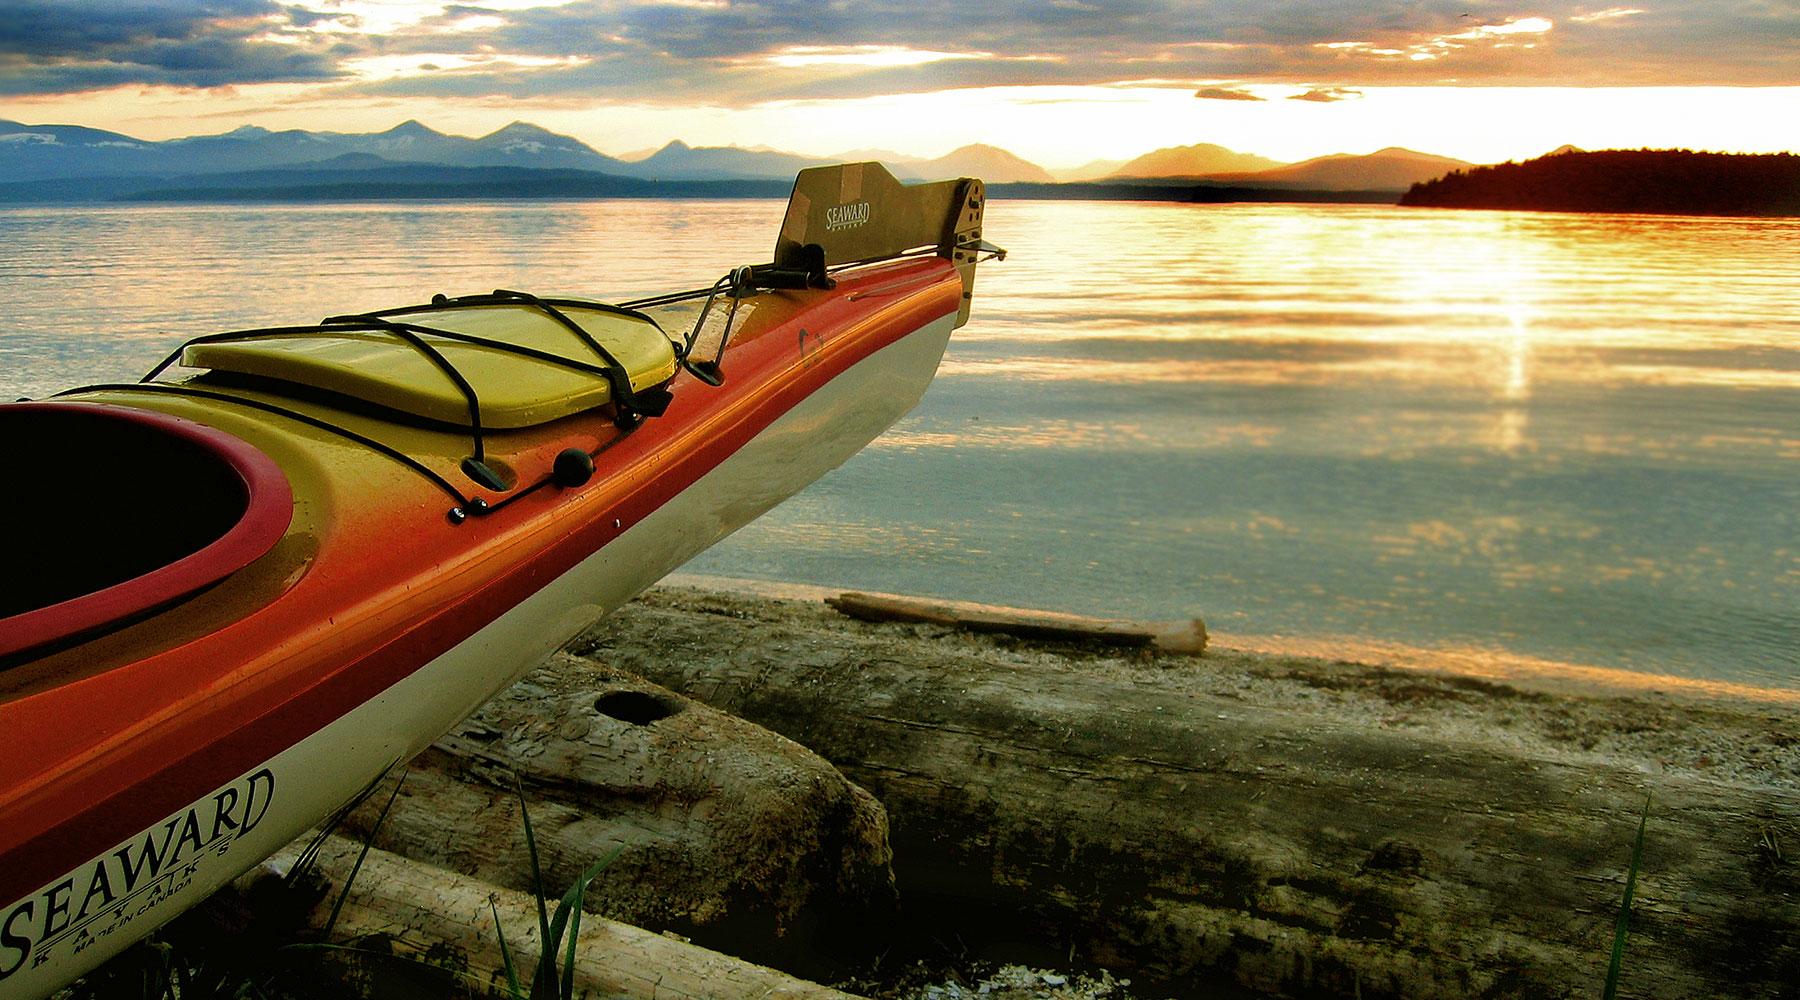 ile de vancouver, desolation trail, west coast, kayak de mer, randonnée, trail, voyage, aventure, chinook, desolation sound en kayak